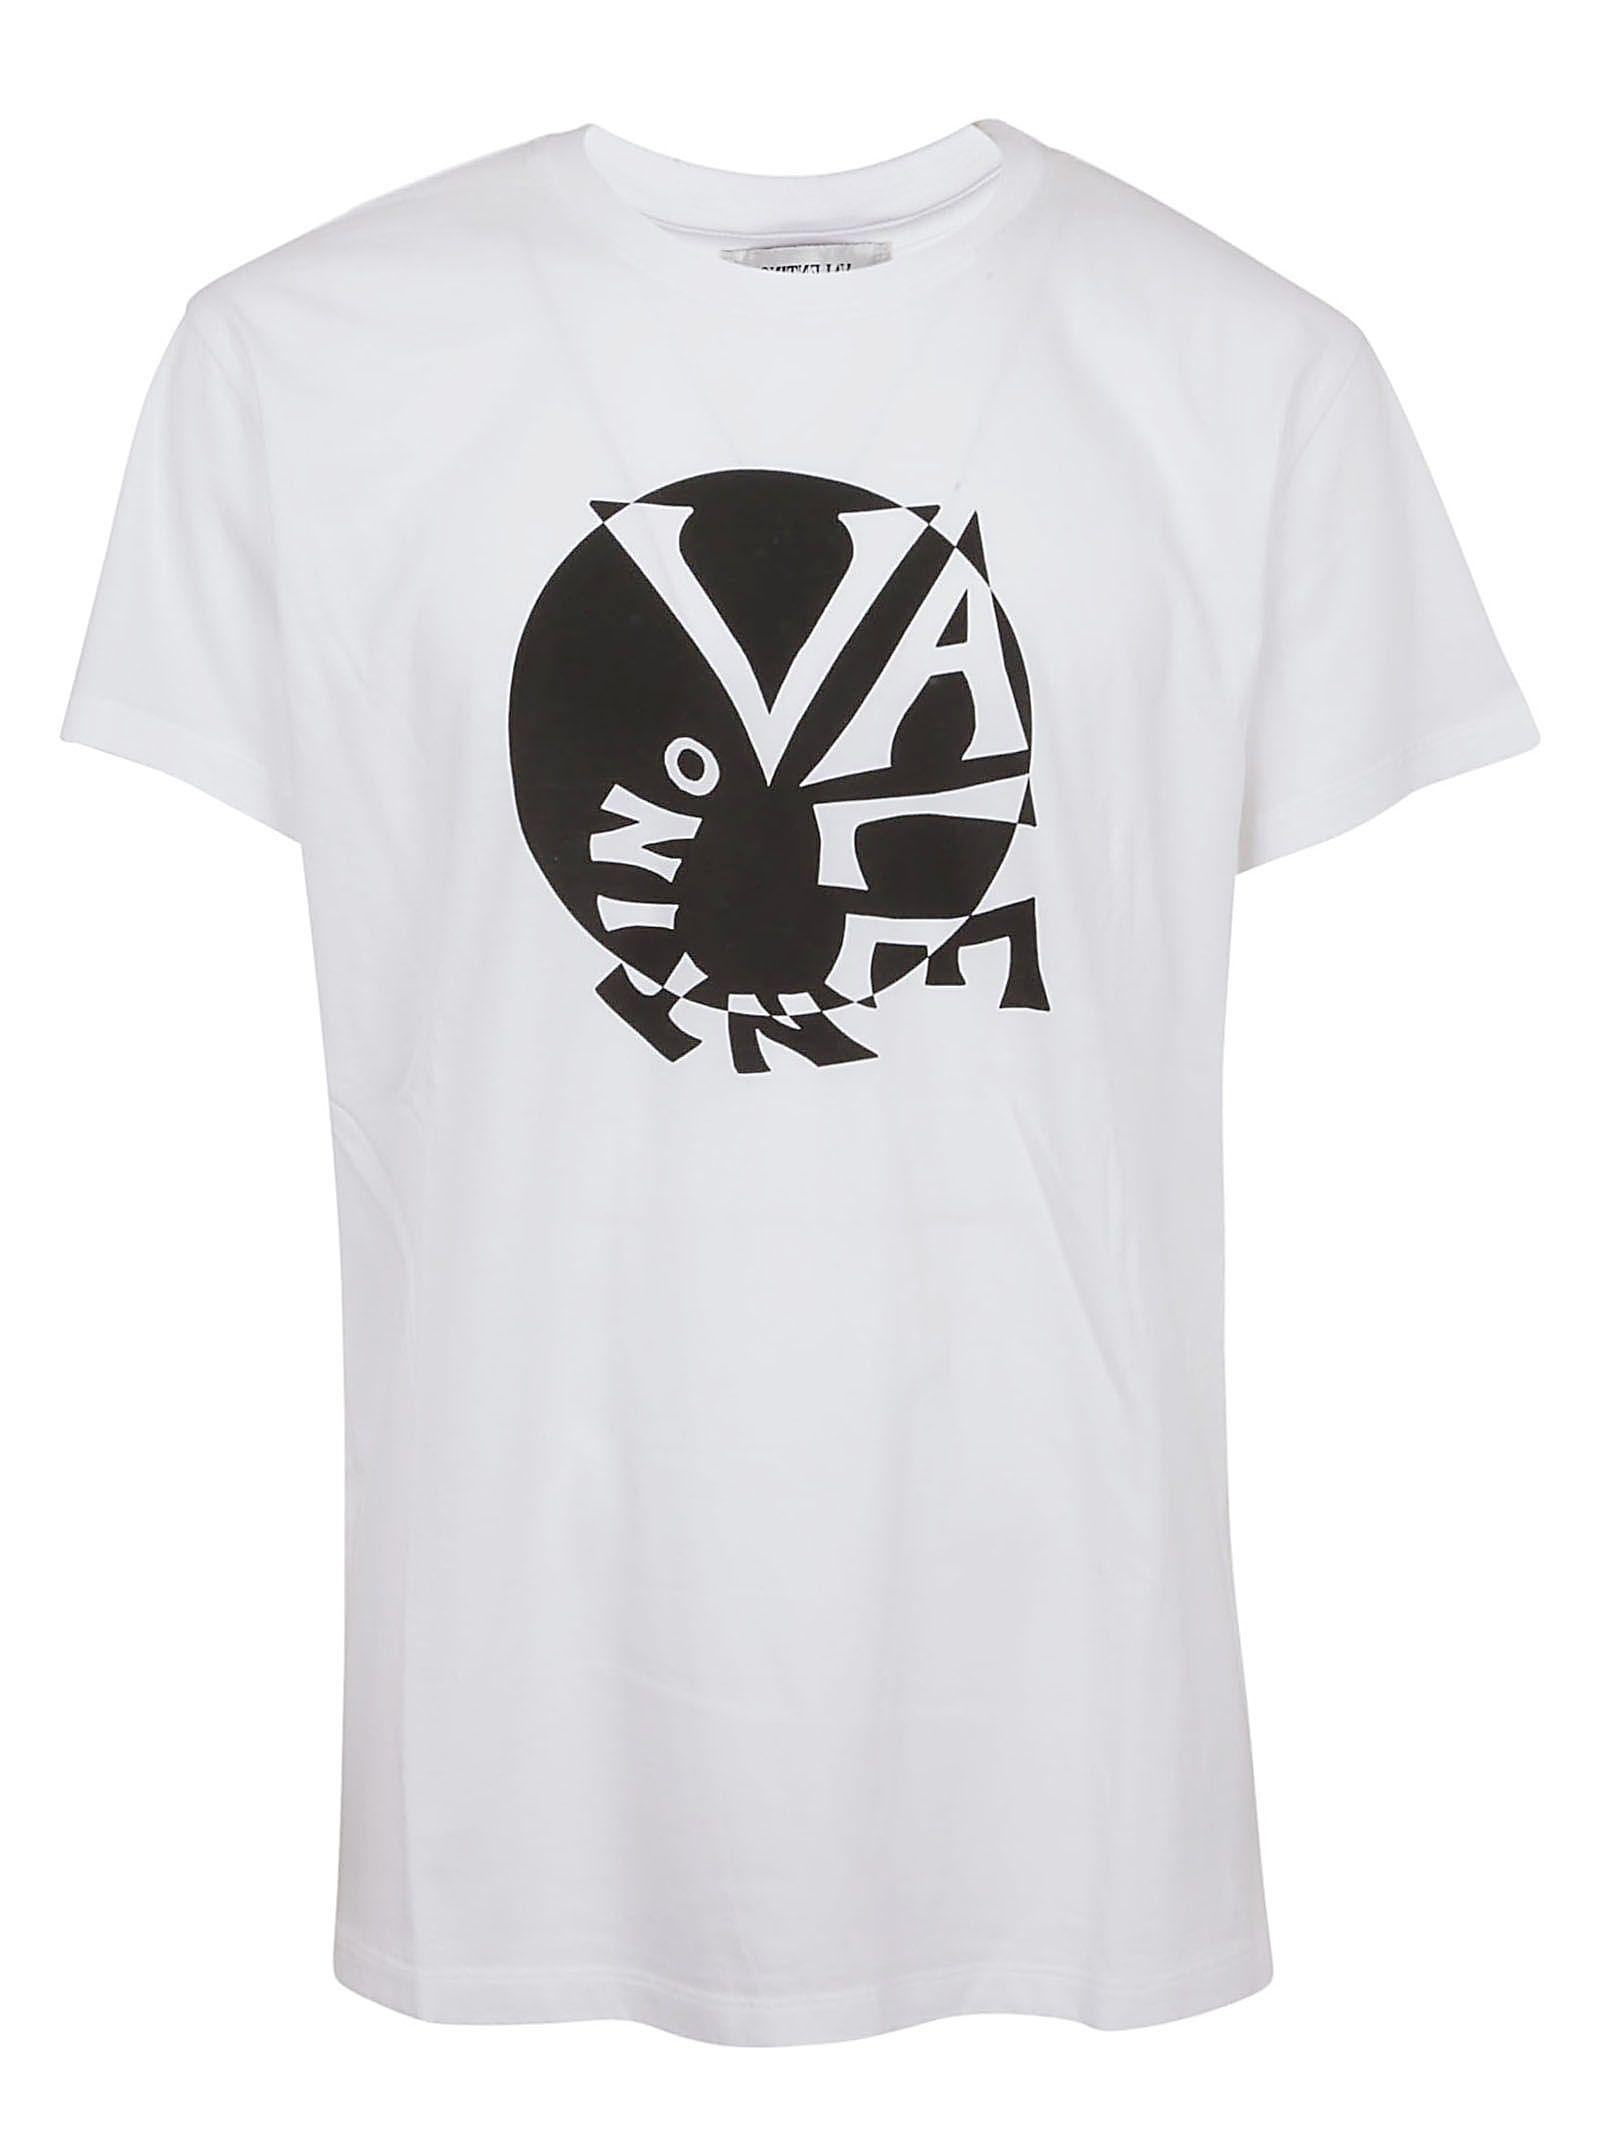 Valentino Swirly Logo Print T-shirt